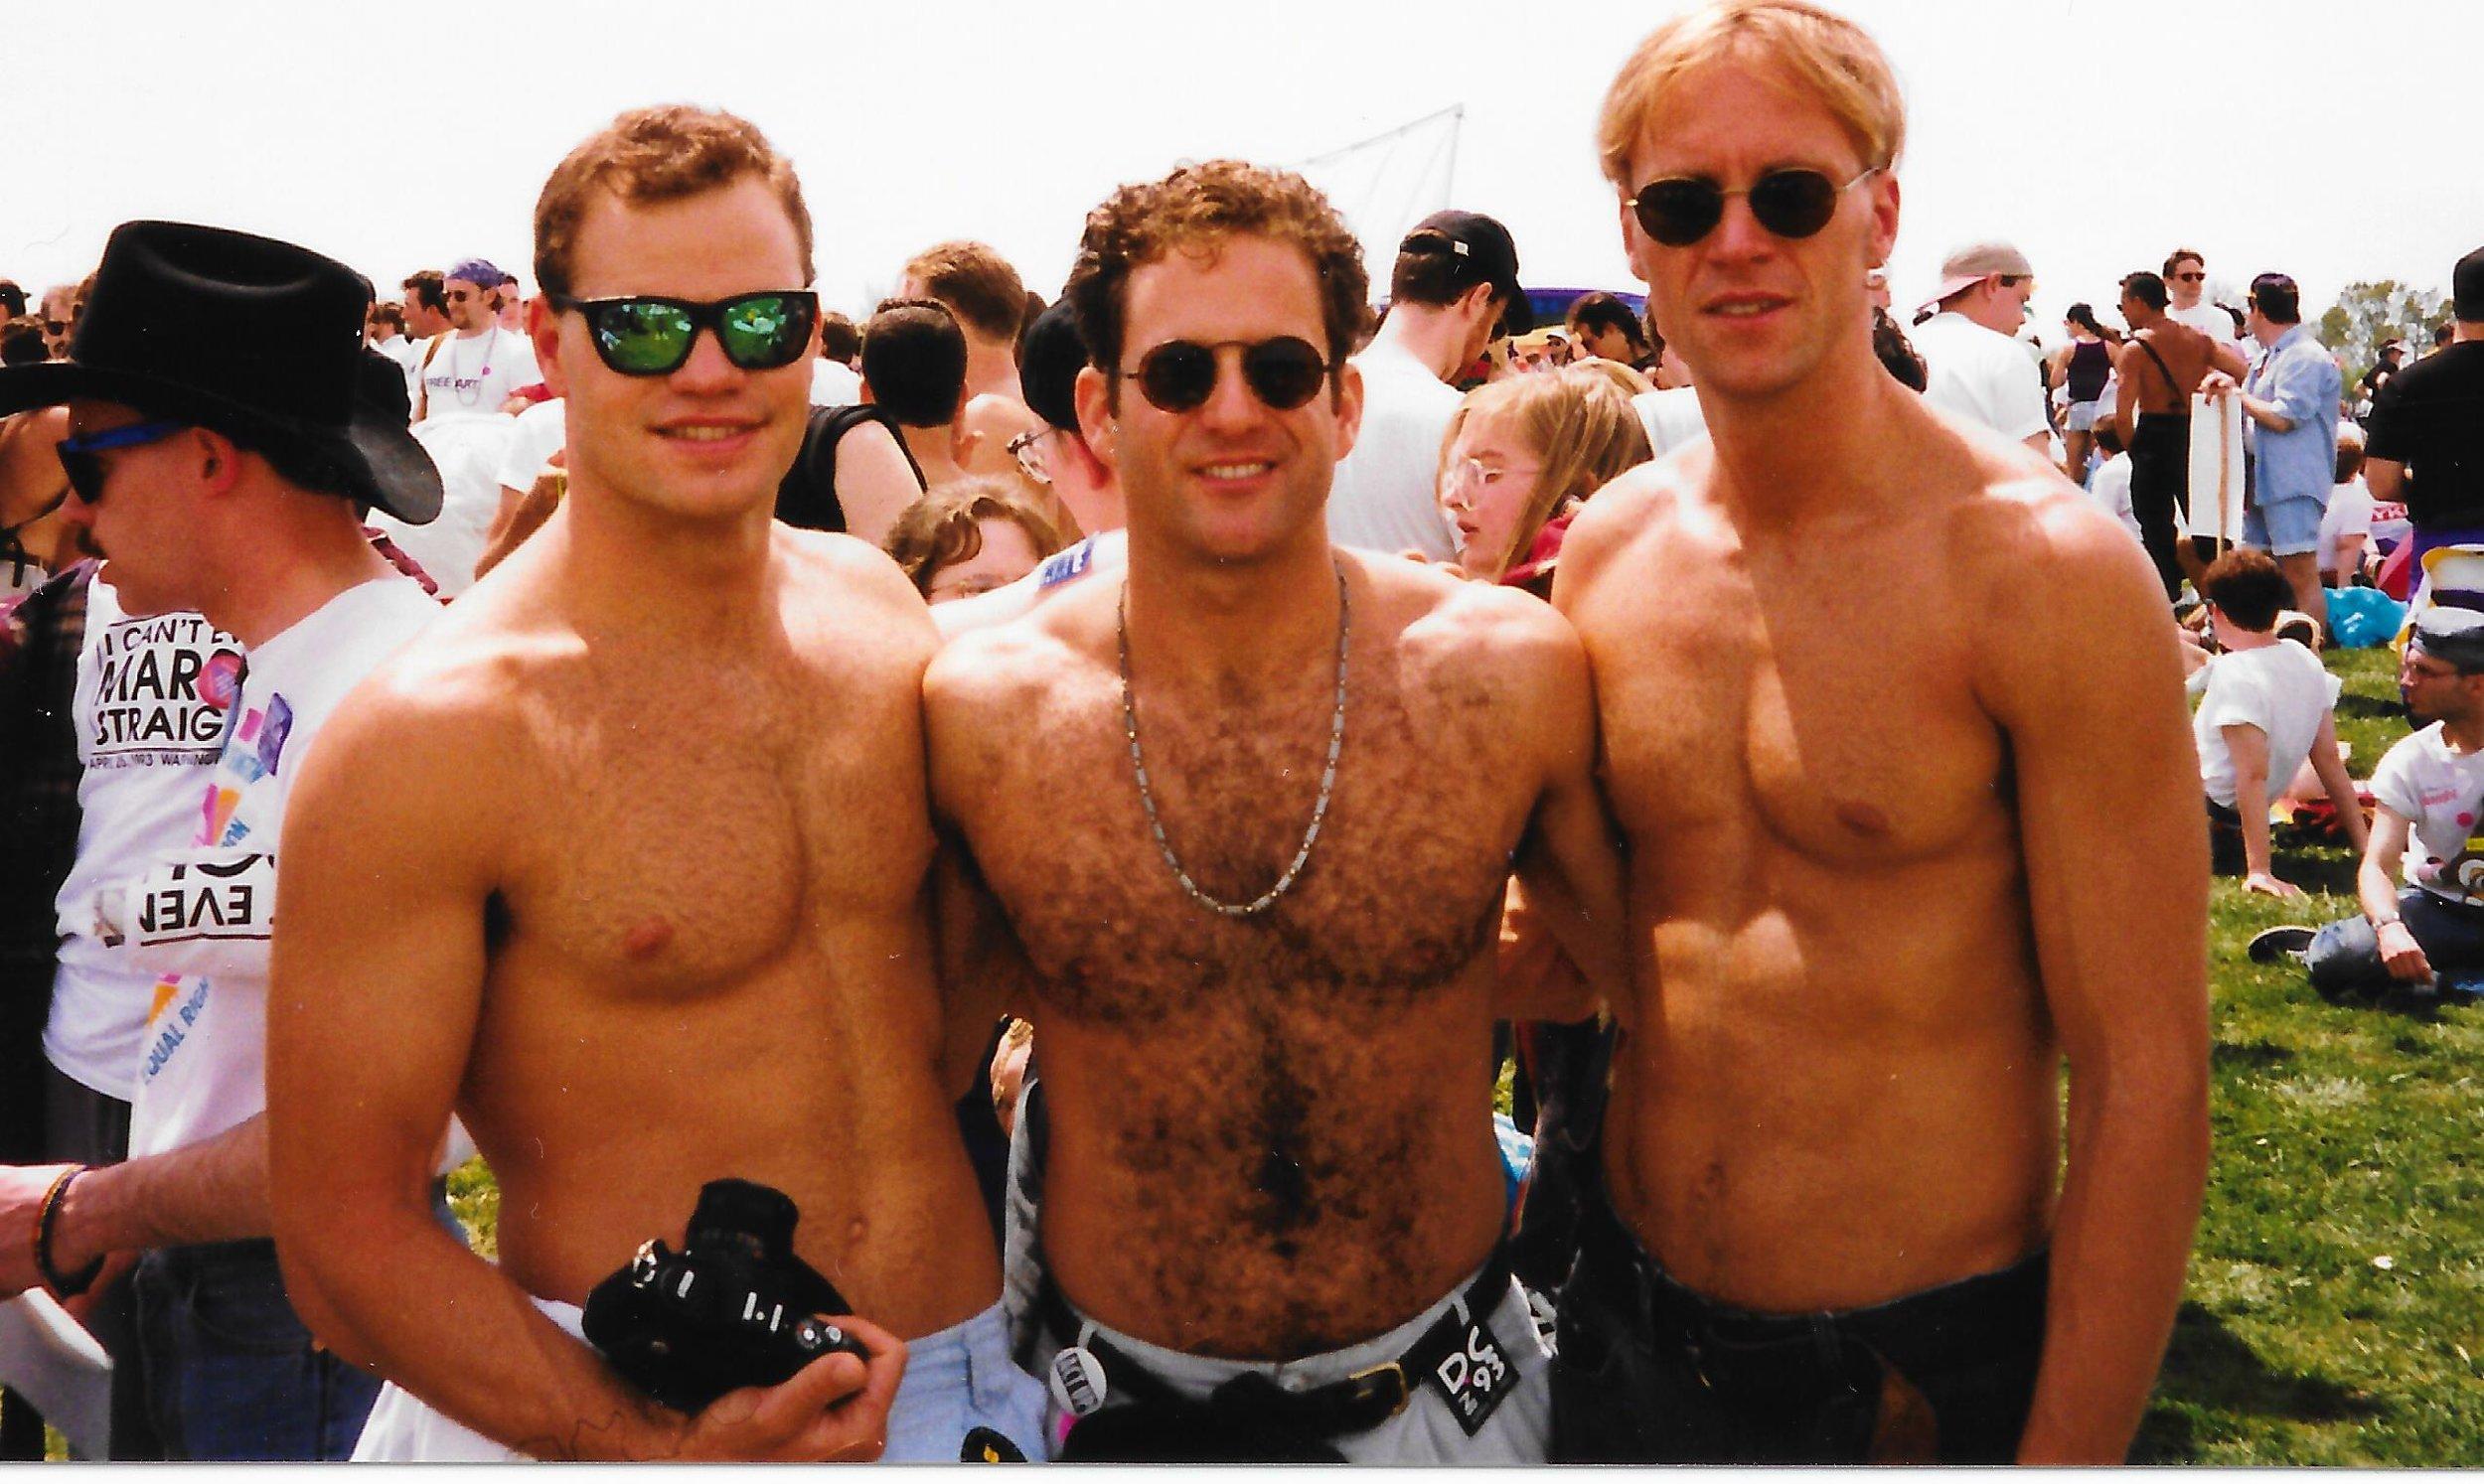 1994 Gay Games IV - Marty Sarussi, Steve Gilberg, Damon Mackert